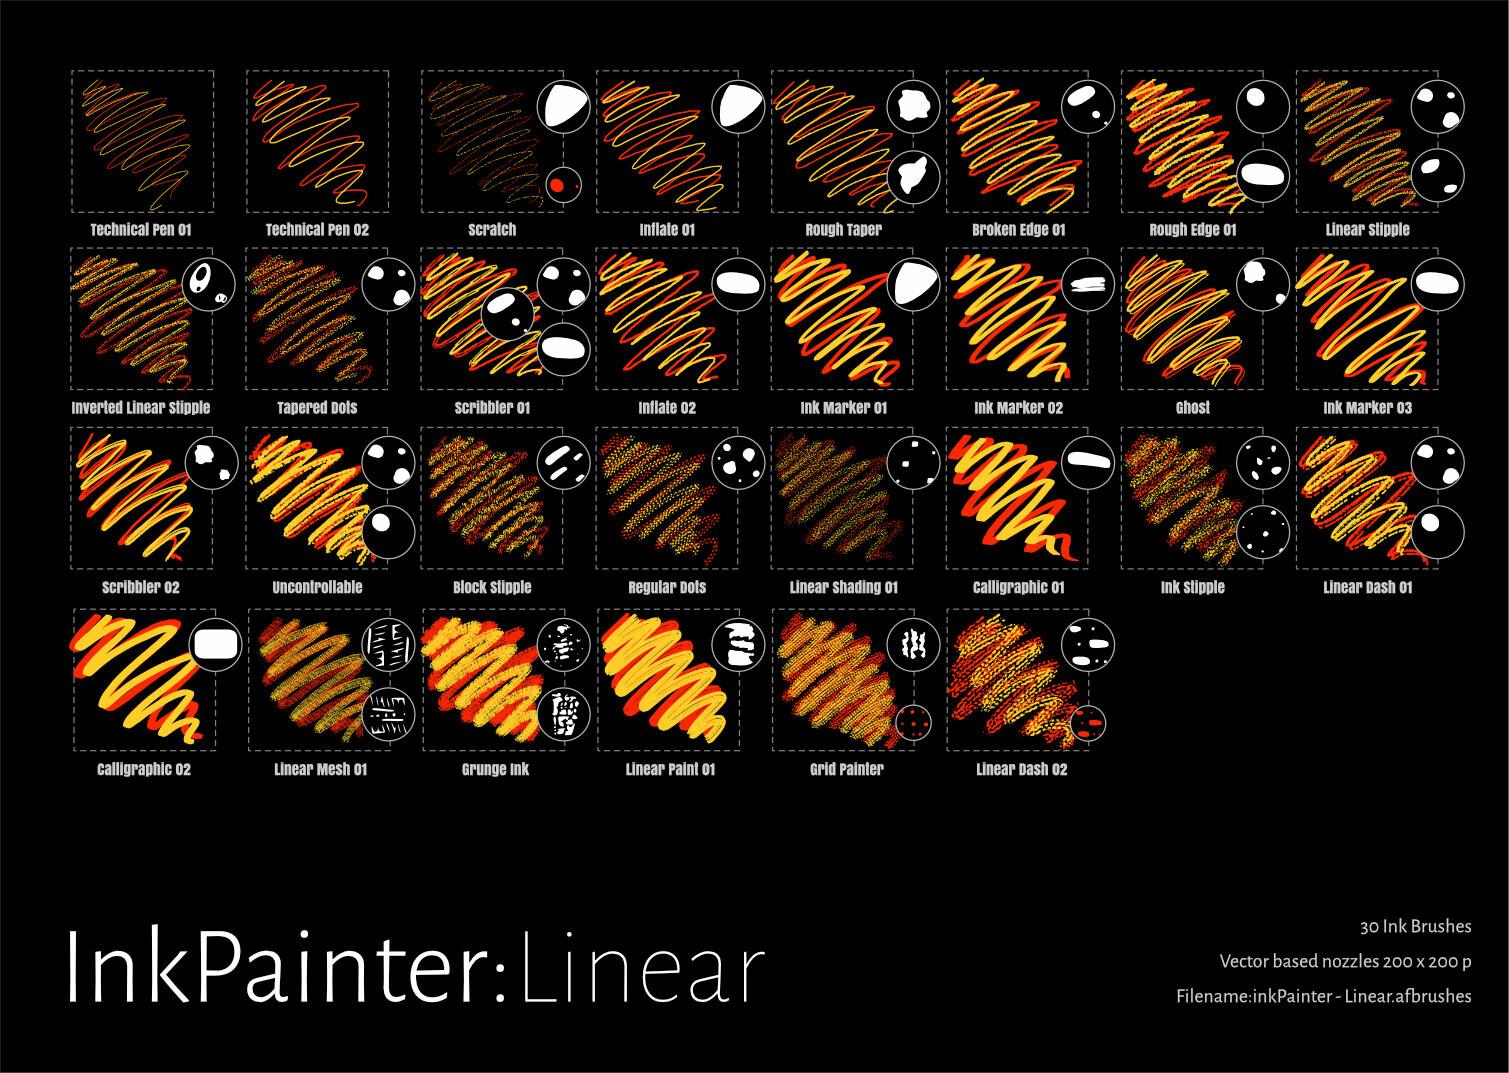 InkPainter Linear Brushes